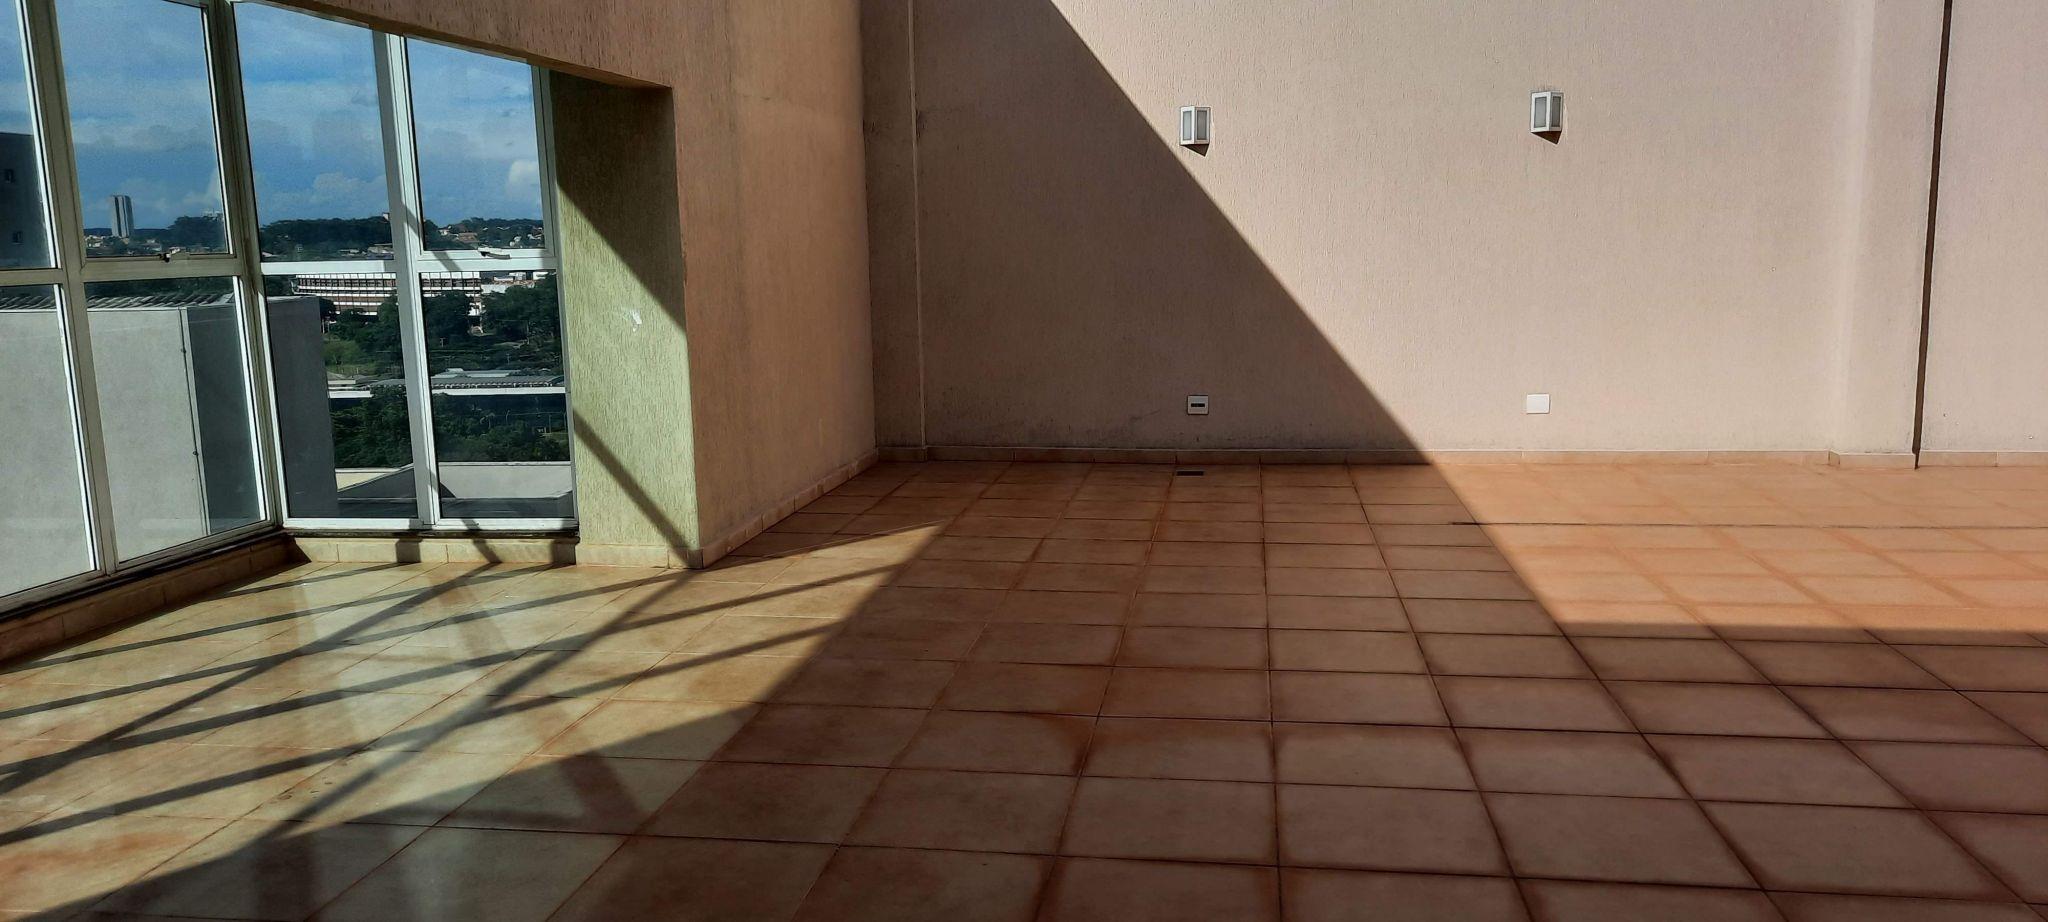 744 - Apartamento Jardim Botânico 3 suítes